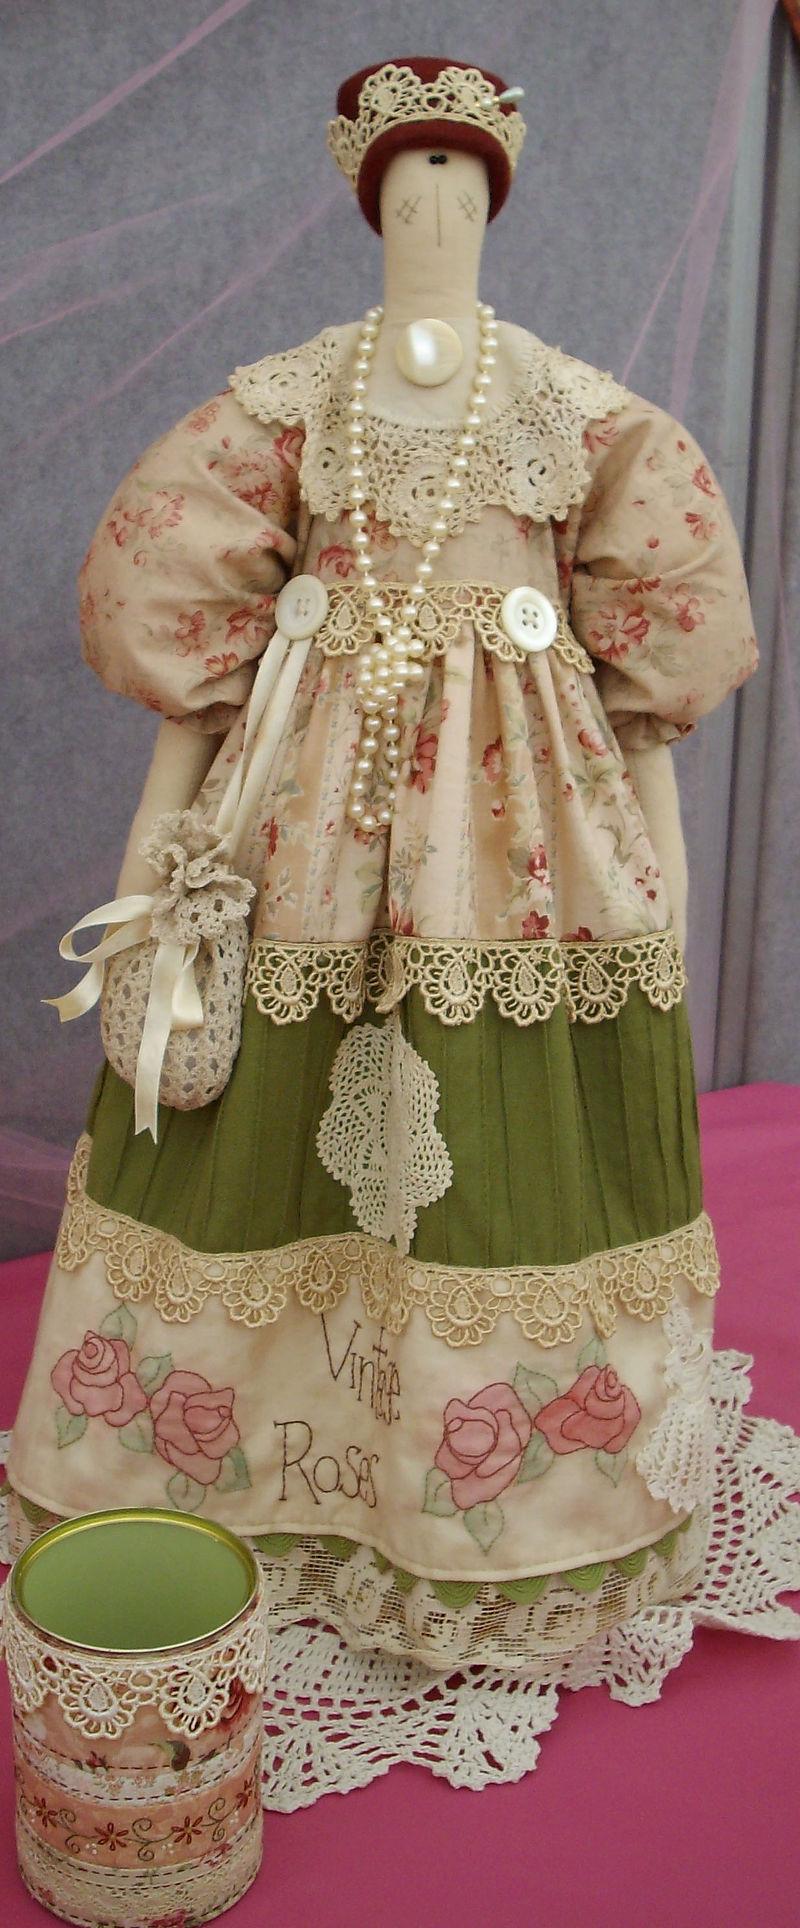 Debbie Magee's Design SDDO 2008